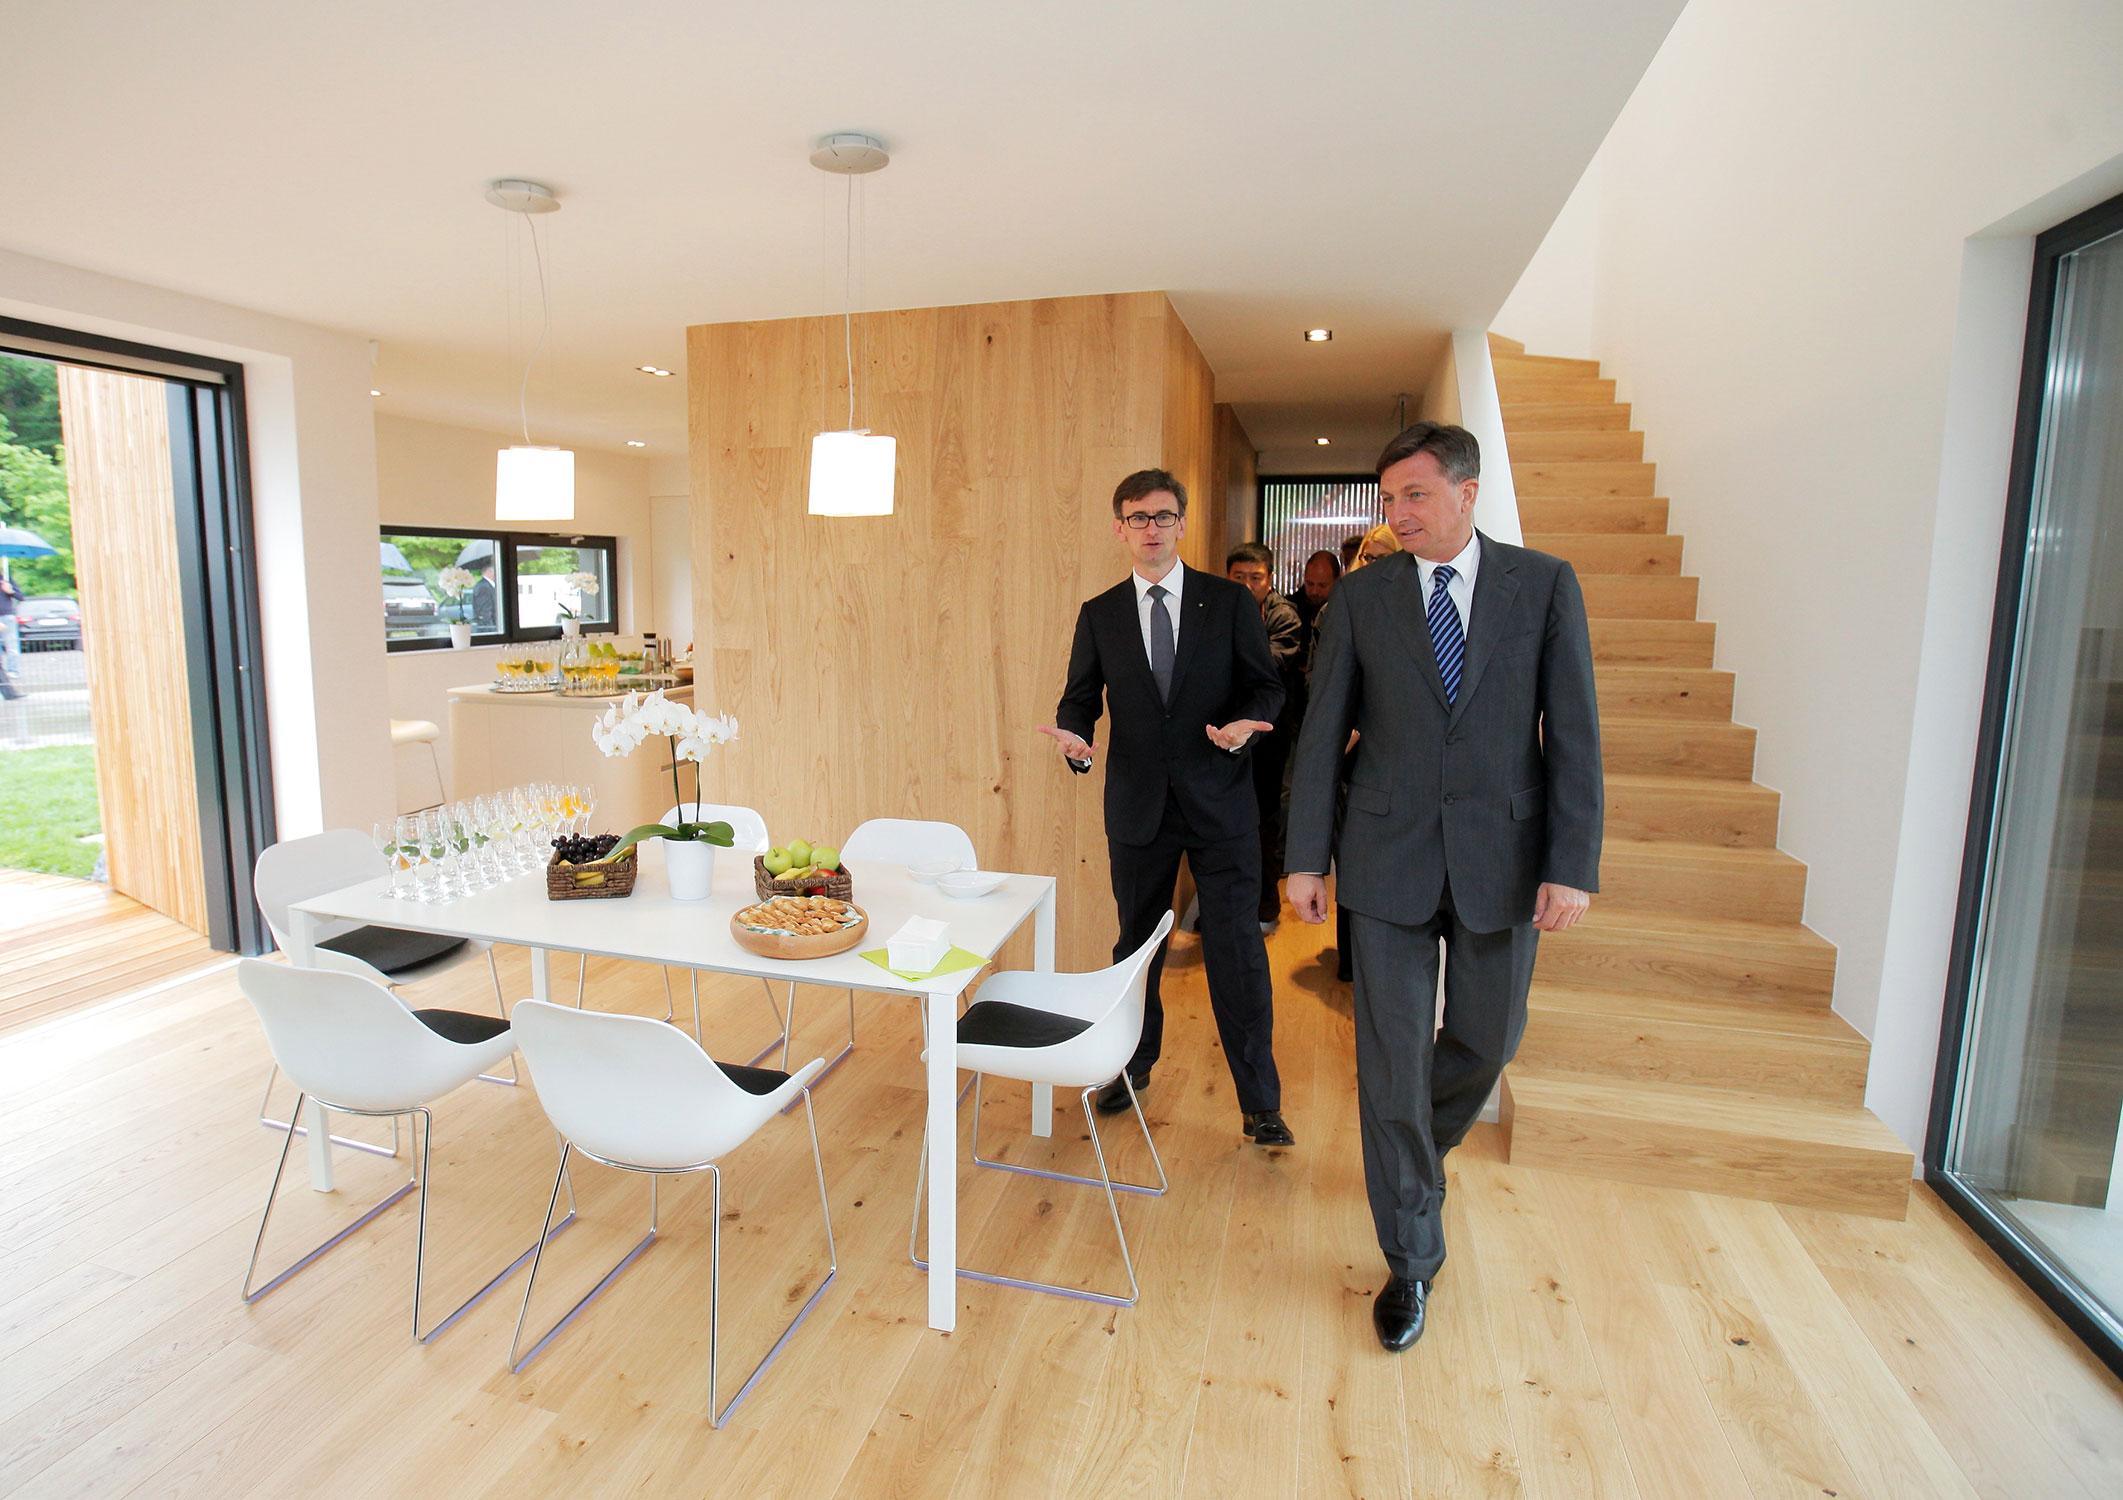 Prvo aktivno hišo v Sloveniji je otvoril predsednik države g. Borut Pahor.